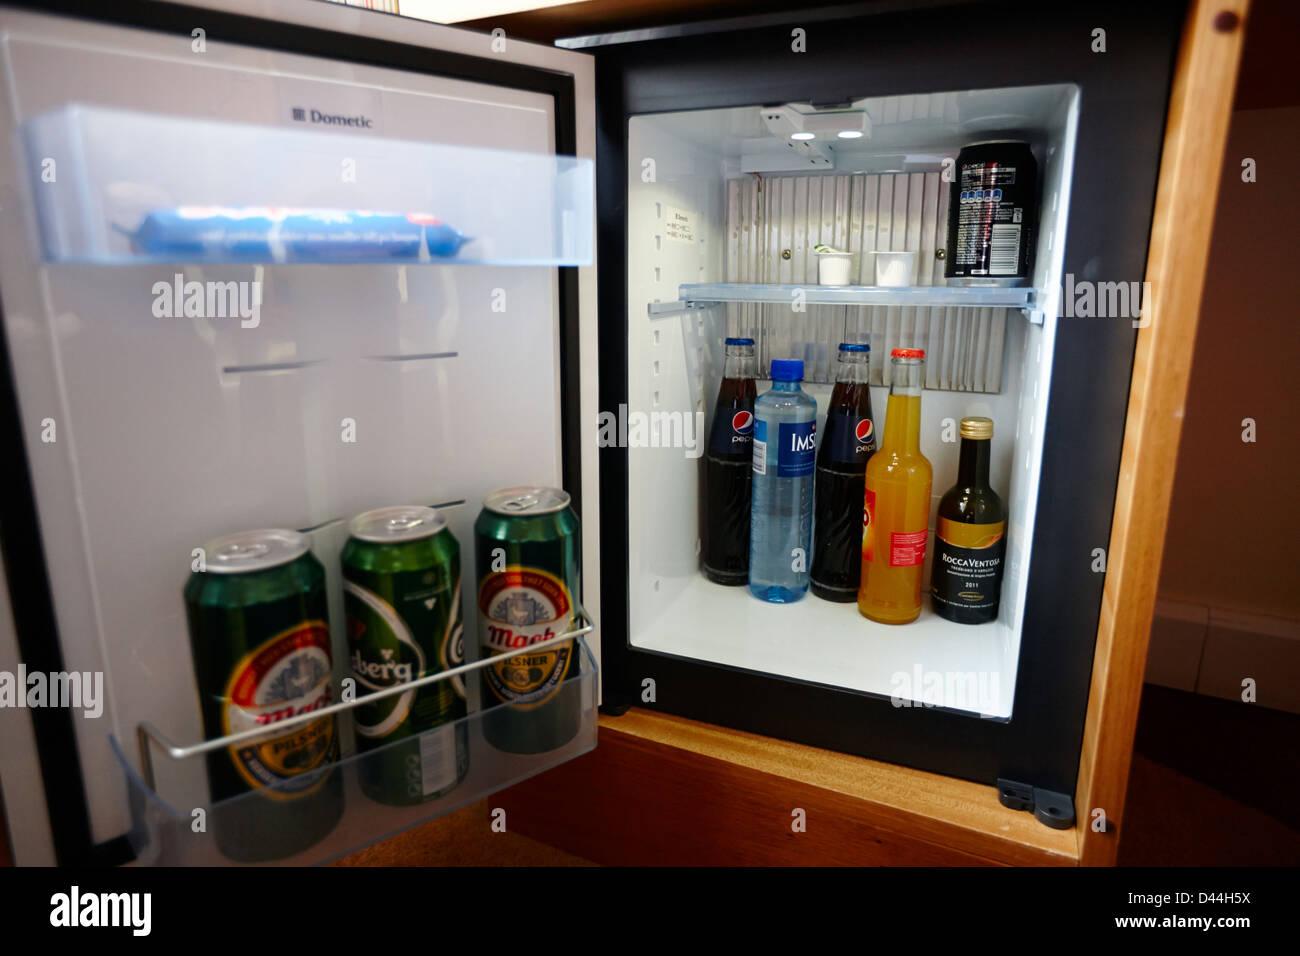 Hotel minibar frigorifero in Tromso troms Norvegia europa Immagini Stock